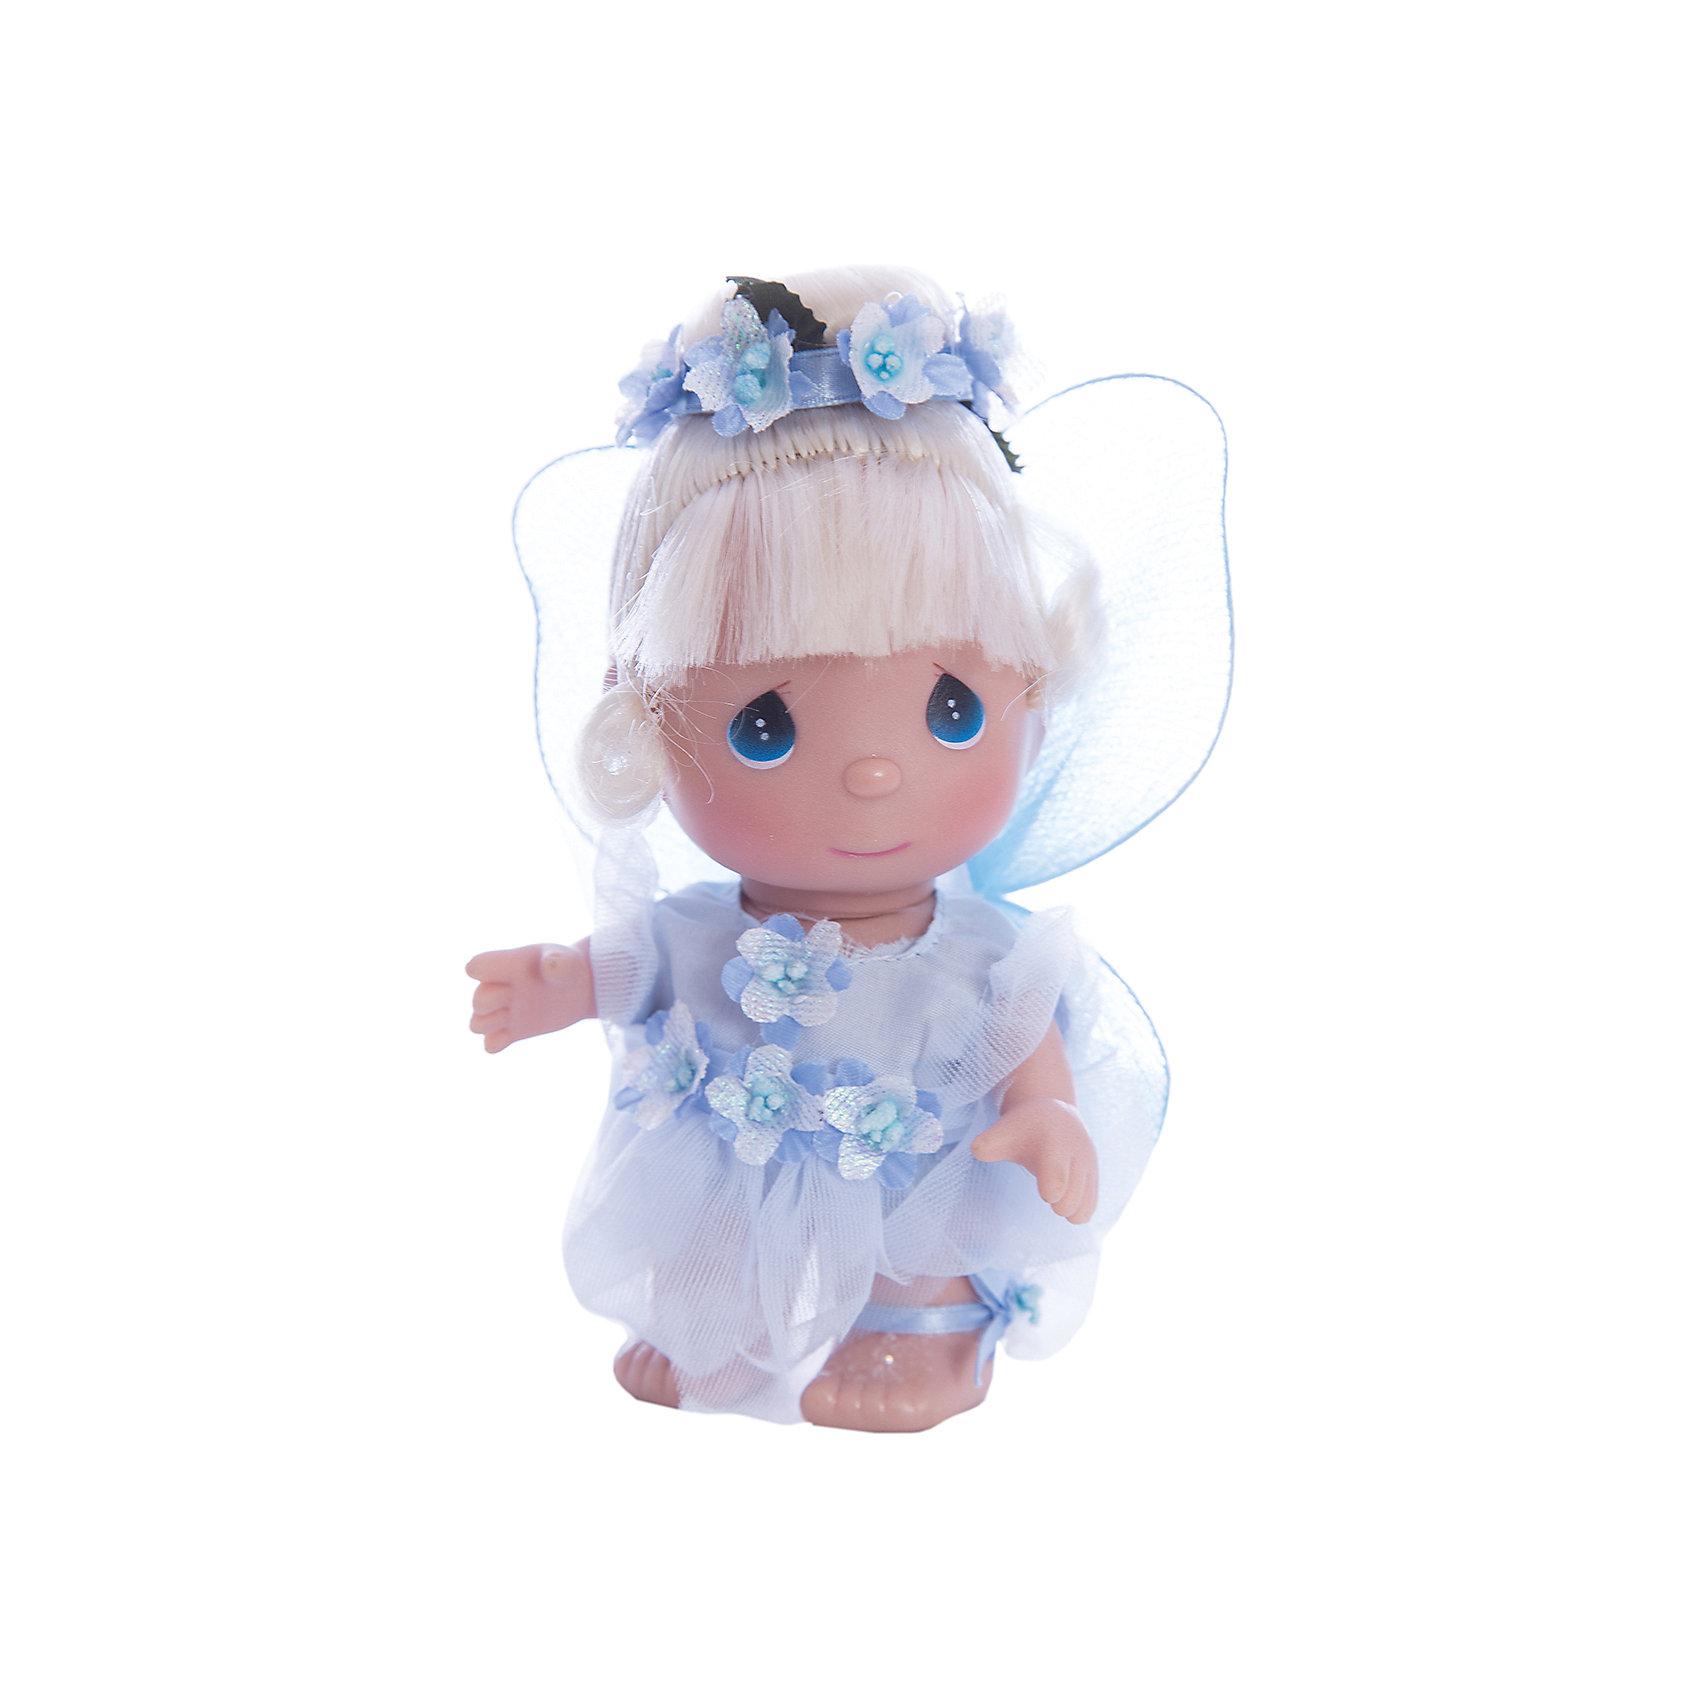 Кукла Фея в голубом, 14 см, Precious MomentsКлассические куклы<br>Характеристики товара:<br><br>• возраст: от 5 лет;<br>• материал: винил, текстиль;<br>• высота куклы: 14 см;<br>• размер упаковки: 14х10х6 см;<br>• вес упаковки: 70 гр.;<br>• страна производитель: Филиппины.<br><br>Кукла «Фея в голубом» 14 см Precious Moments — коллекционная кукла с выразительными голубыми глазками и светлыми волосами, украшенными ободком из цветов. Она одета в сказочное голубое платье. За спиной у маленькой феи самые настоящие крылышки. У куклы имеются подвижные детали. Она выполнена из качественного безопасного материала.<br><br>Куклу «Фея в голубом» 14 см Precious Moments можно приобрести в нашем интернет-магазине.<br><br>Ширина мм: 60<br>Глубина мм: 140<br>Высота мм: 40<br>Вес г: 80<br>Возраст от месяцев: 36<br>Возраст до месяцев: 2147483647<br>Пол: Женский<br>Возраст: Детский<br>SKU: 5482524